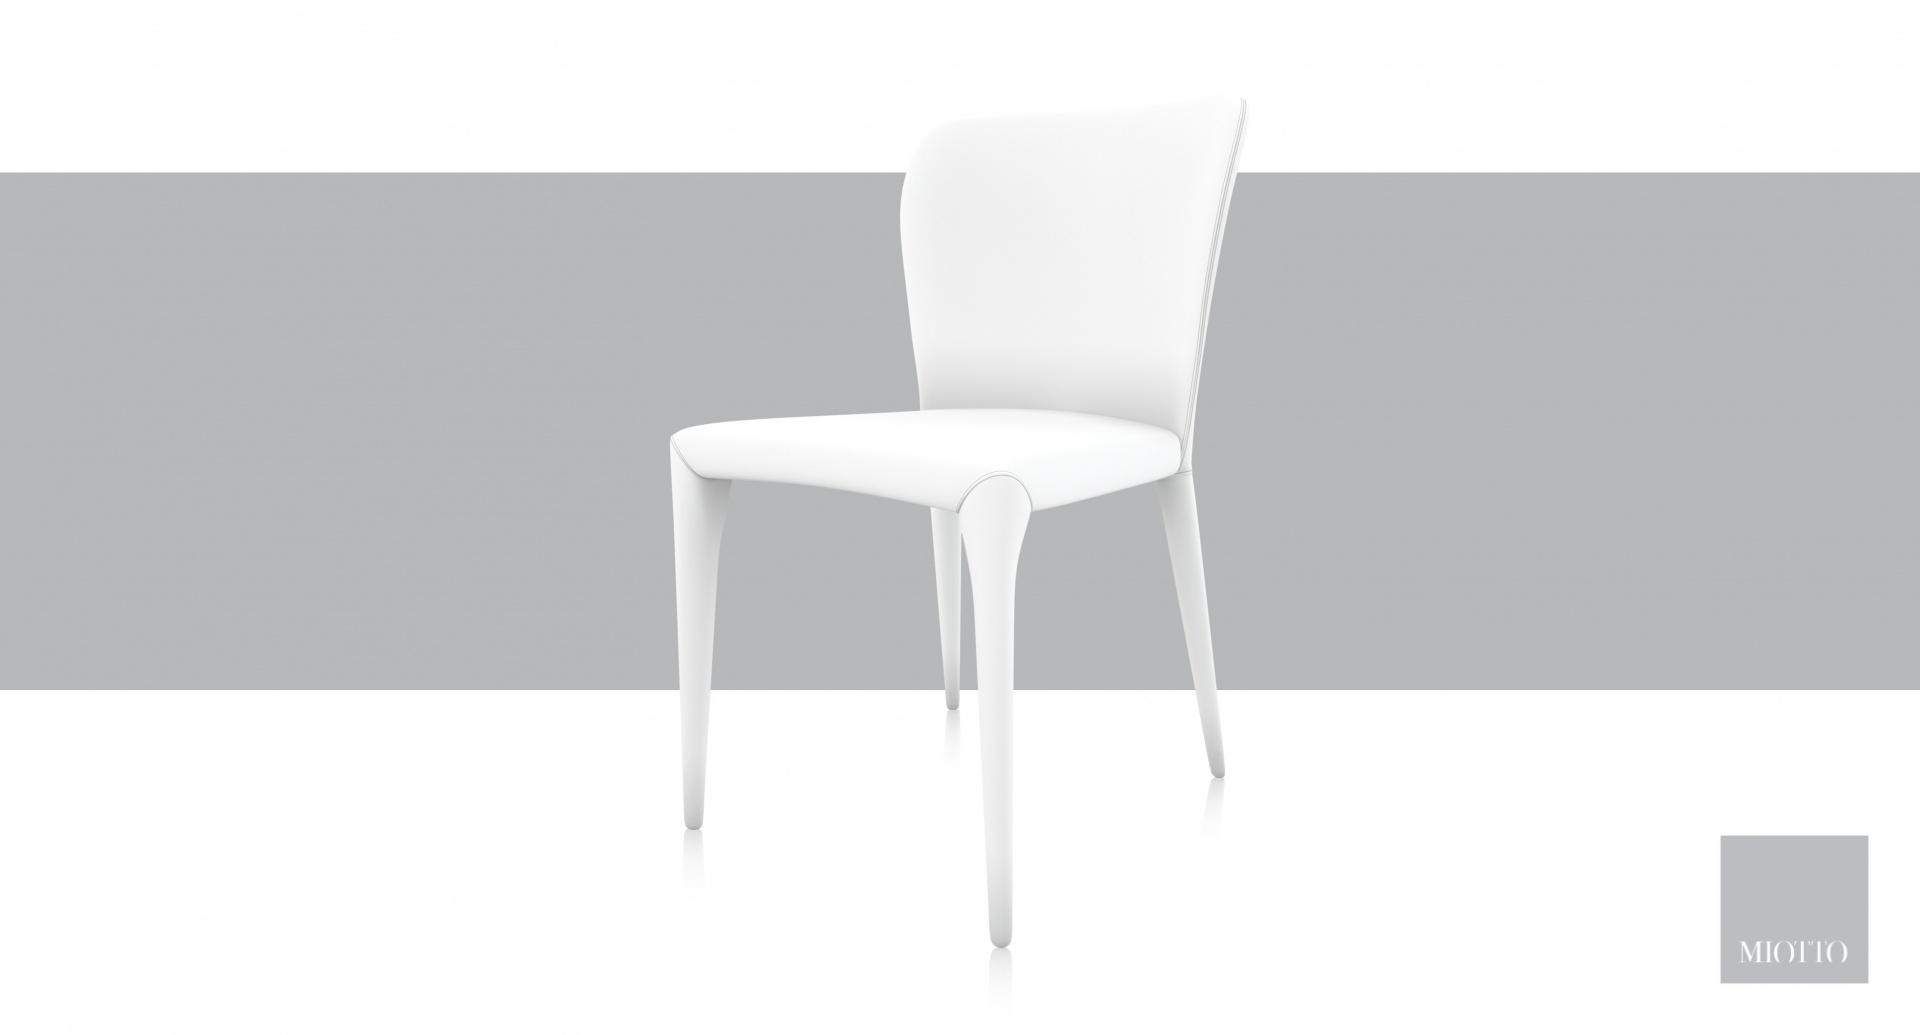 miotto_pavia DC white T miotto design furniture